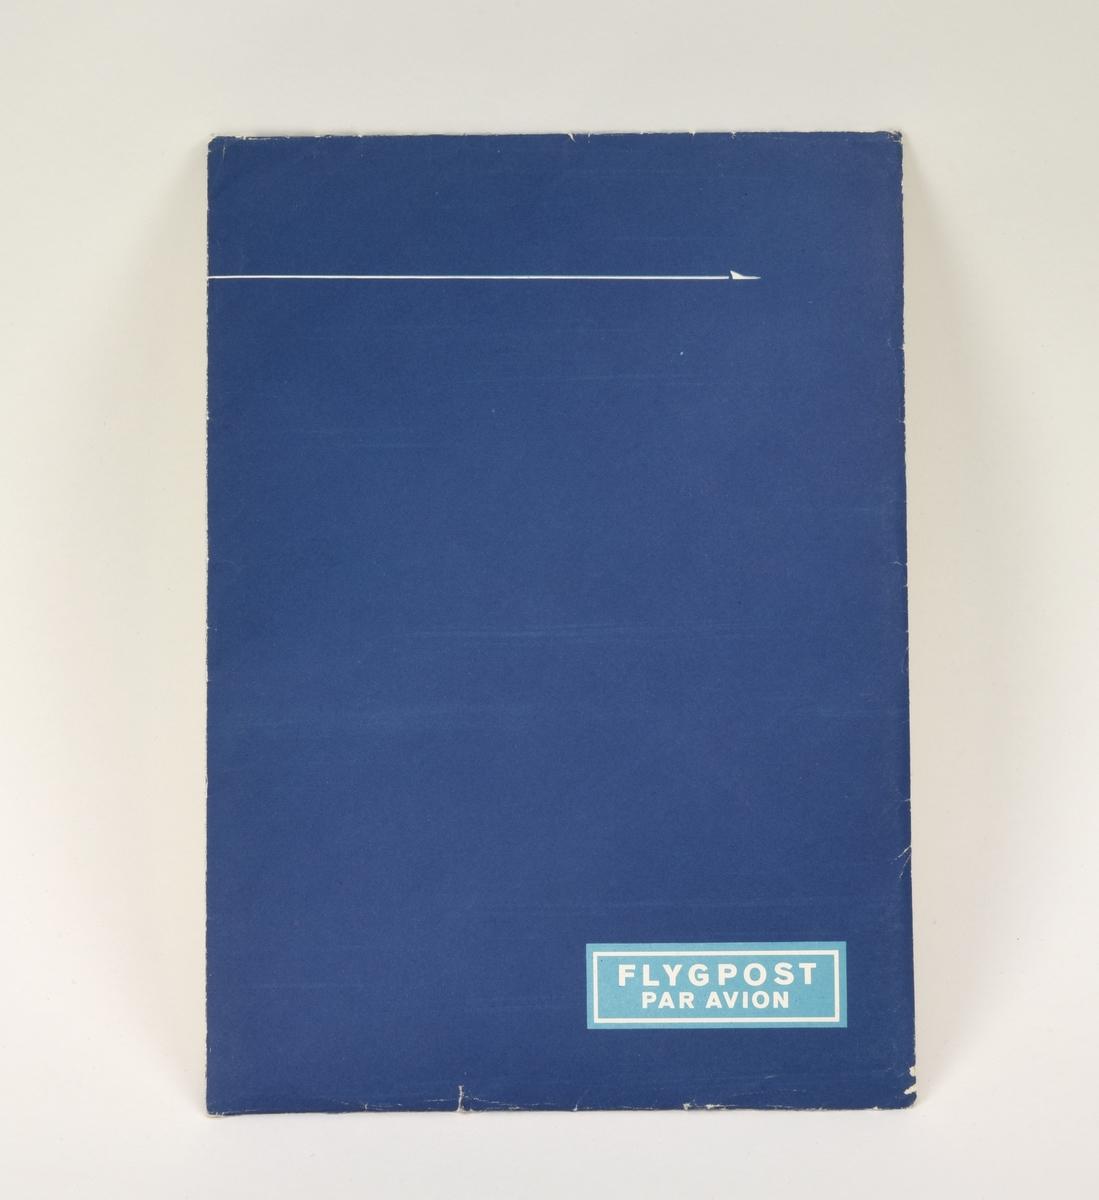 """Kuvert innehållande brevpapper och kuvert för flygpost. Kuvertet har en blå framsida med en vit linje över övre delen som avslutas med ett stiliserat flygplan. I nedre högra hörnet finns en ljusblå ruta med vit ram och text: """"FLYGPOST"""" och """"PAR AVION"""". Baksidan är vit och har Ljungdahls logotyp på mitten, därunder en prislapp med röda siffror: """"Kr 1.55"""". I nedre högra hörnet finns information om kuvertets innehåll inom en blå rektangel. I det vänstra finns texten """"Flygpost nr 1652 15/10"""".  Kuvertet innehåller: 5 kuvert för flygpost med blå-gulrandig bård runt kanterna och texten """"FLYGPOST"""" och """"PAR AVION"""" inom en blå ruta i övre vänstra hörnet. Insidan är blå med vita prickar. 1 linjerat A5-blad, lite kraftigare papper 3 vikta buntar med 4-5 A4-blad vardera i tunnare kvalitet."""